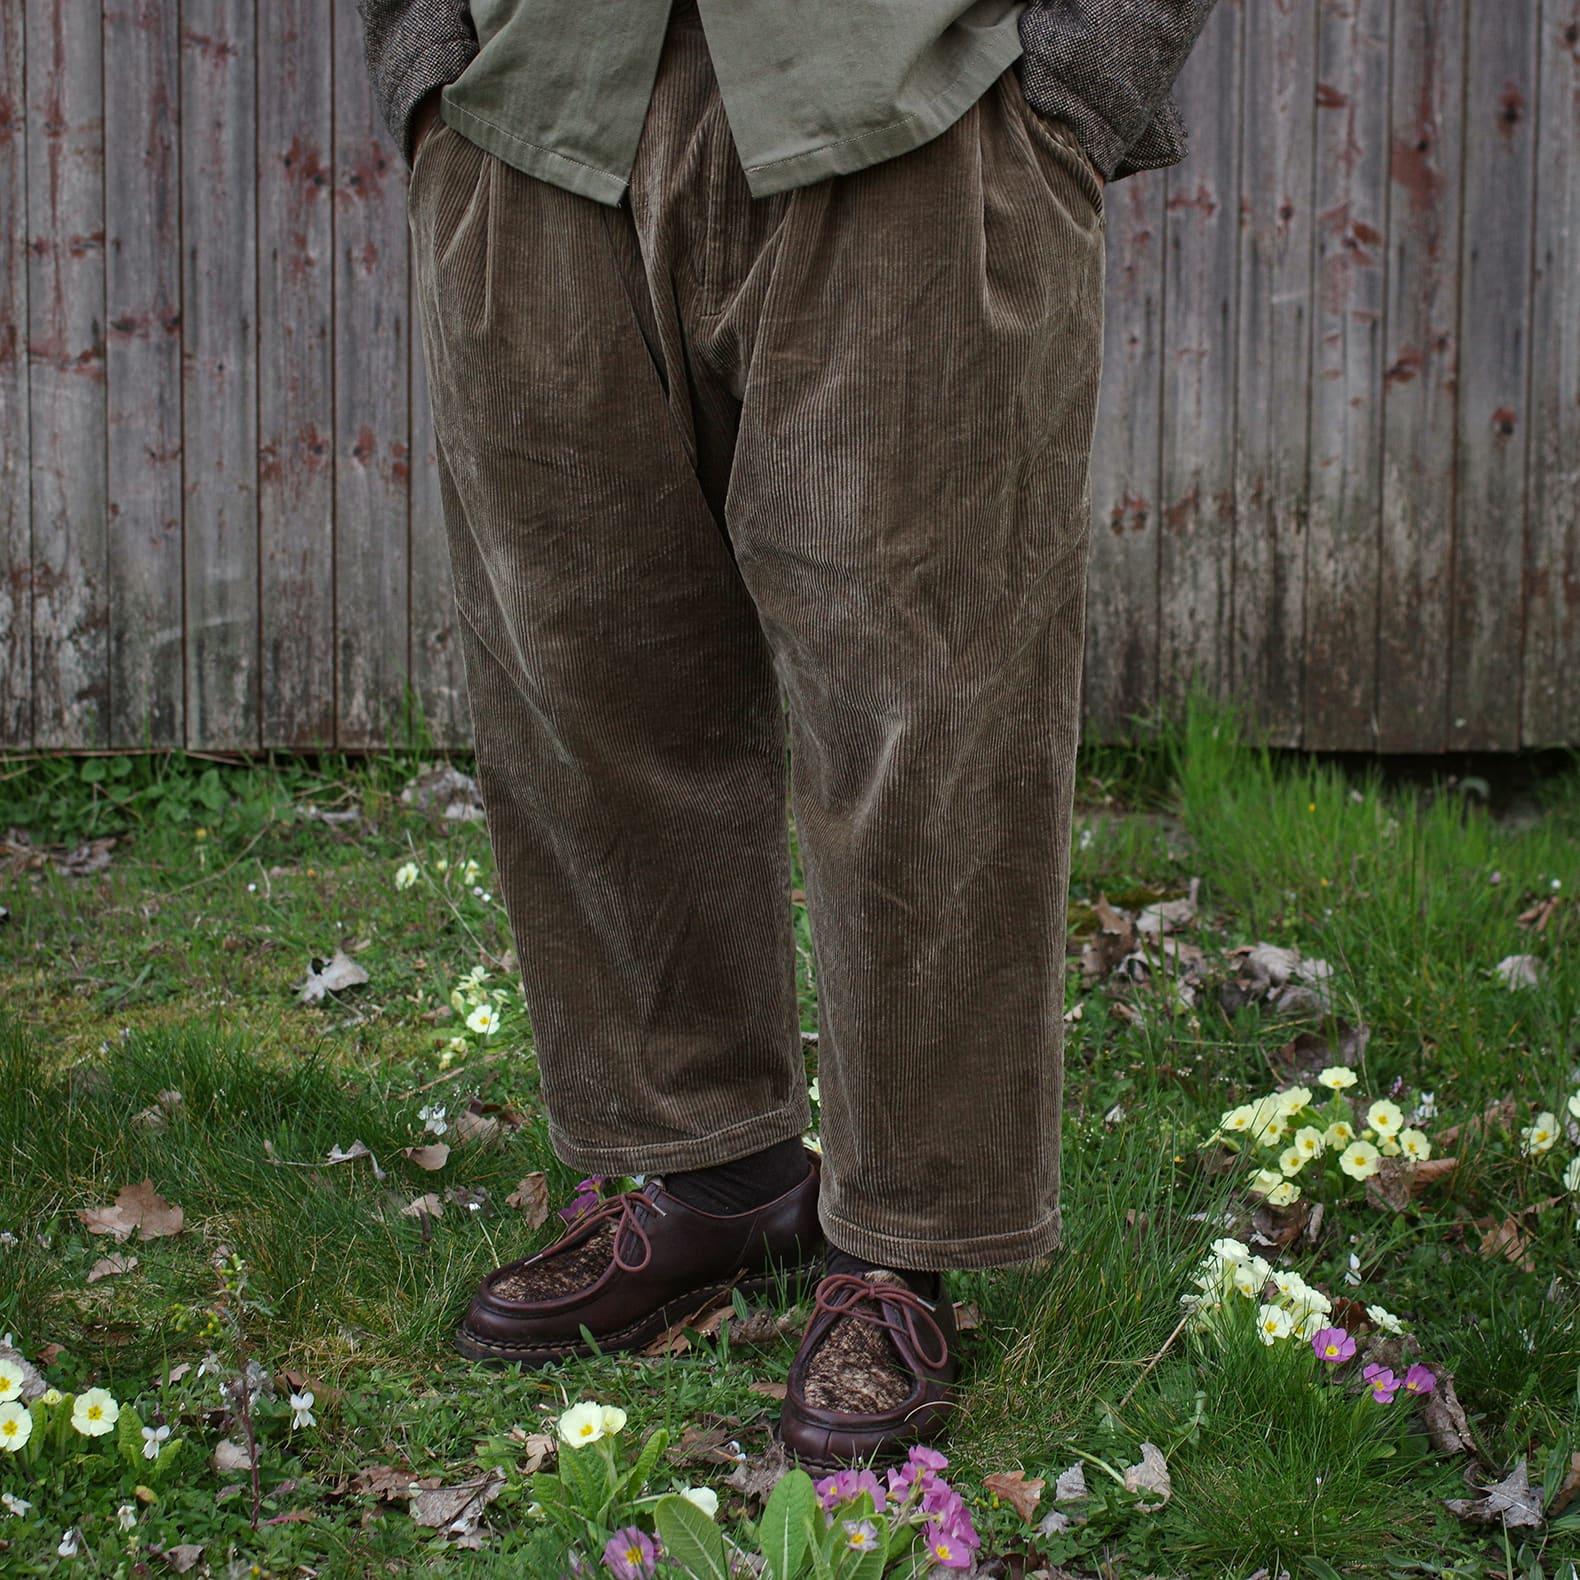 pantalon large en velours de la marque japonaise Sillage